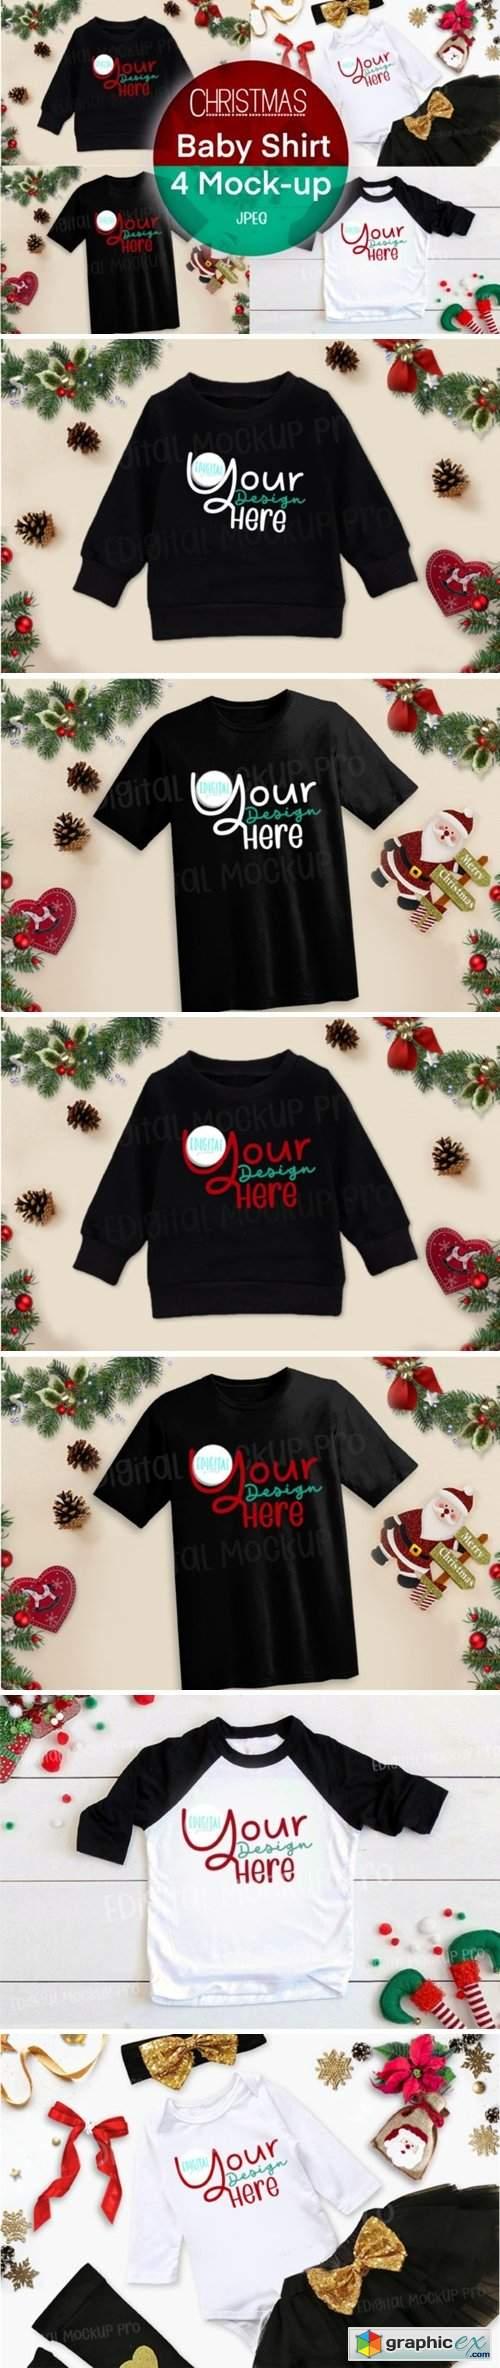 4 Christmas Black Baby Shirt Mock Up